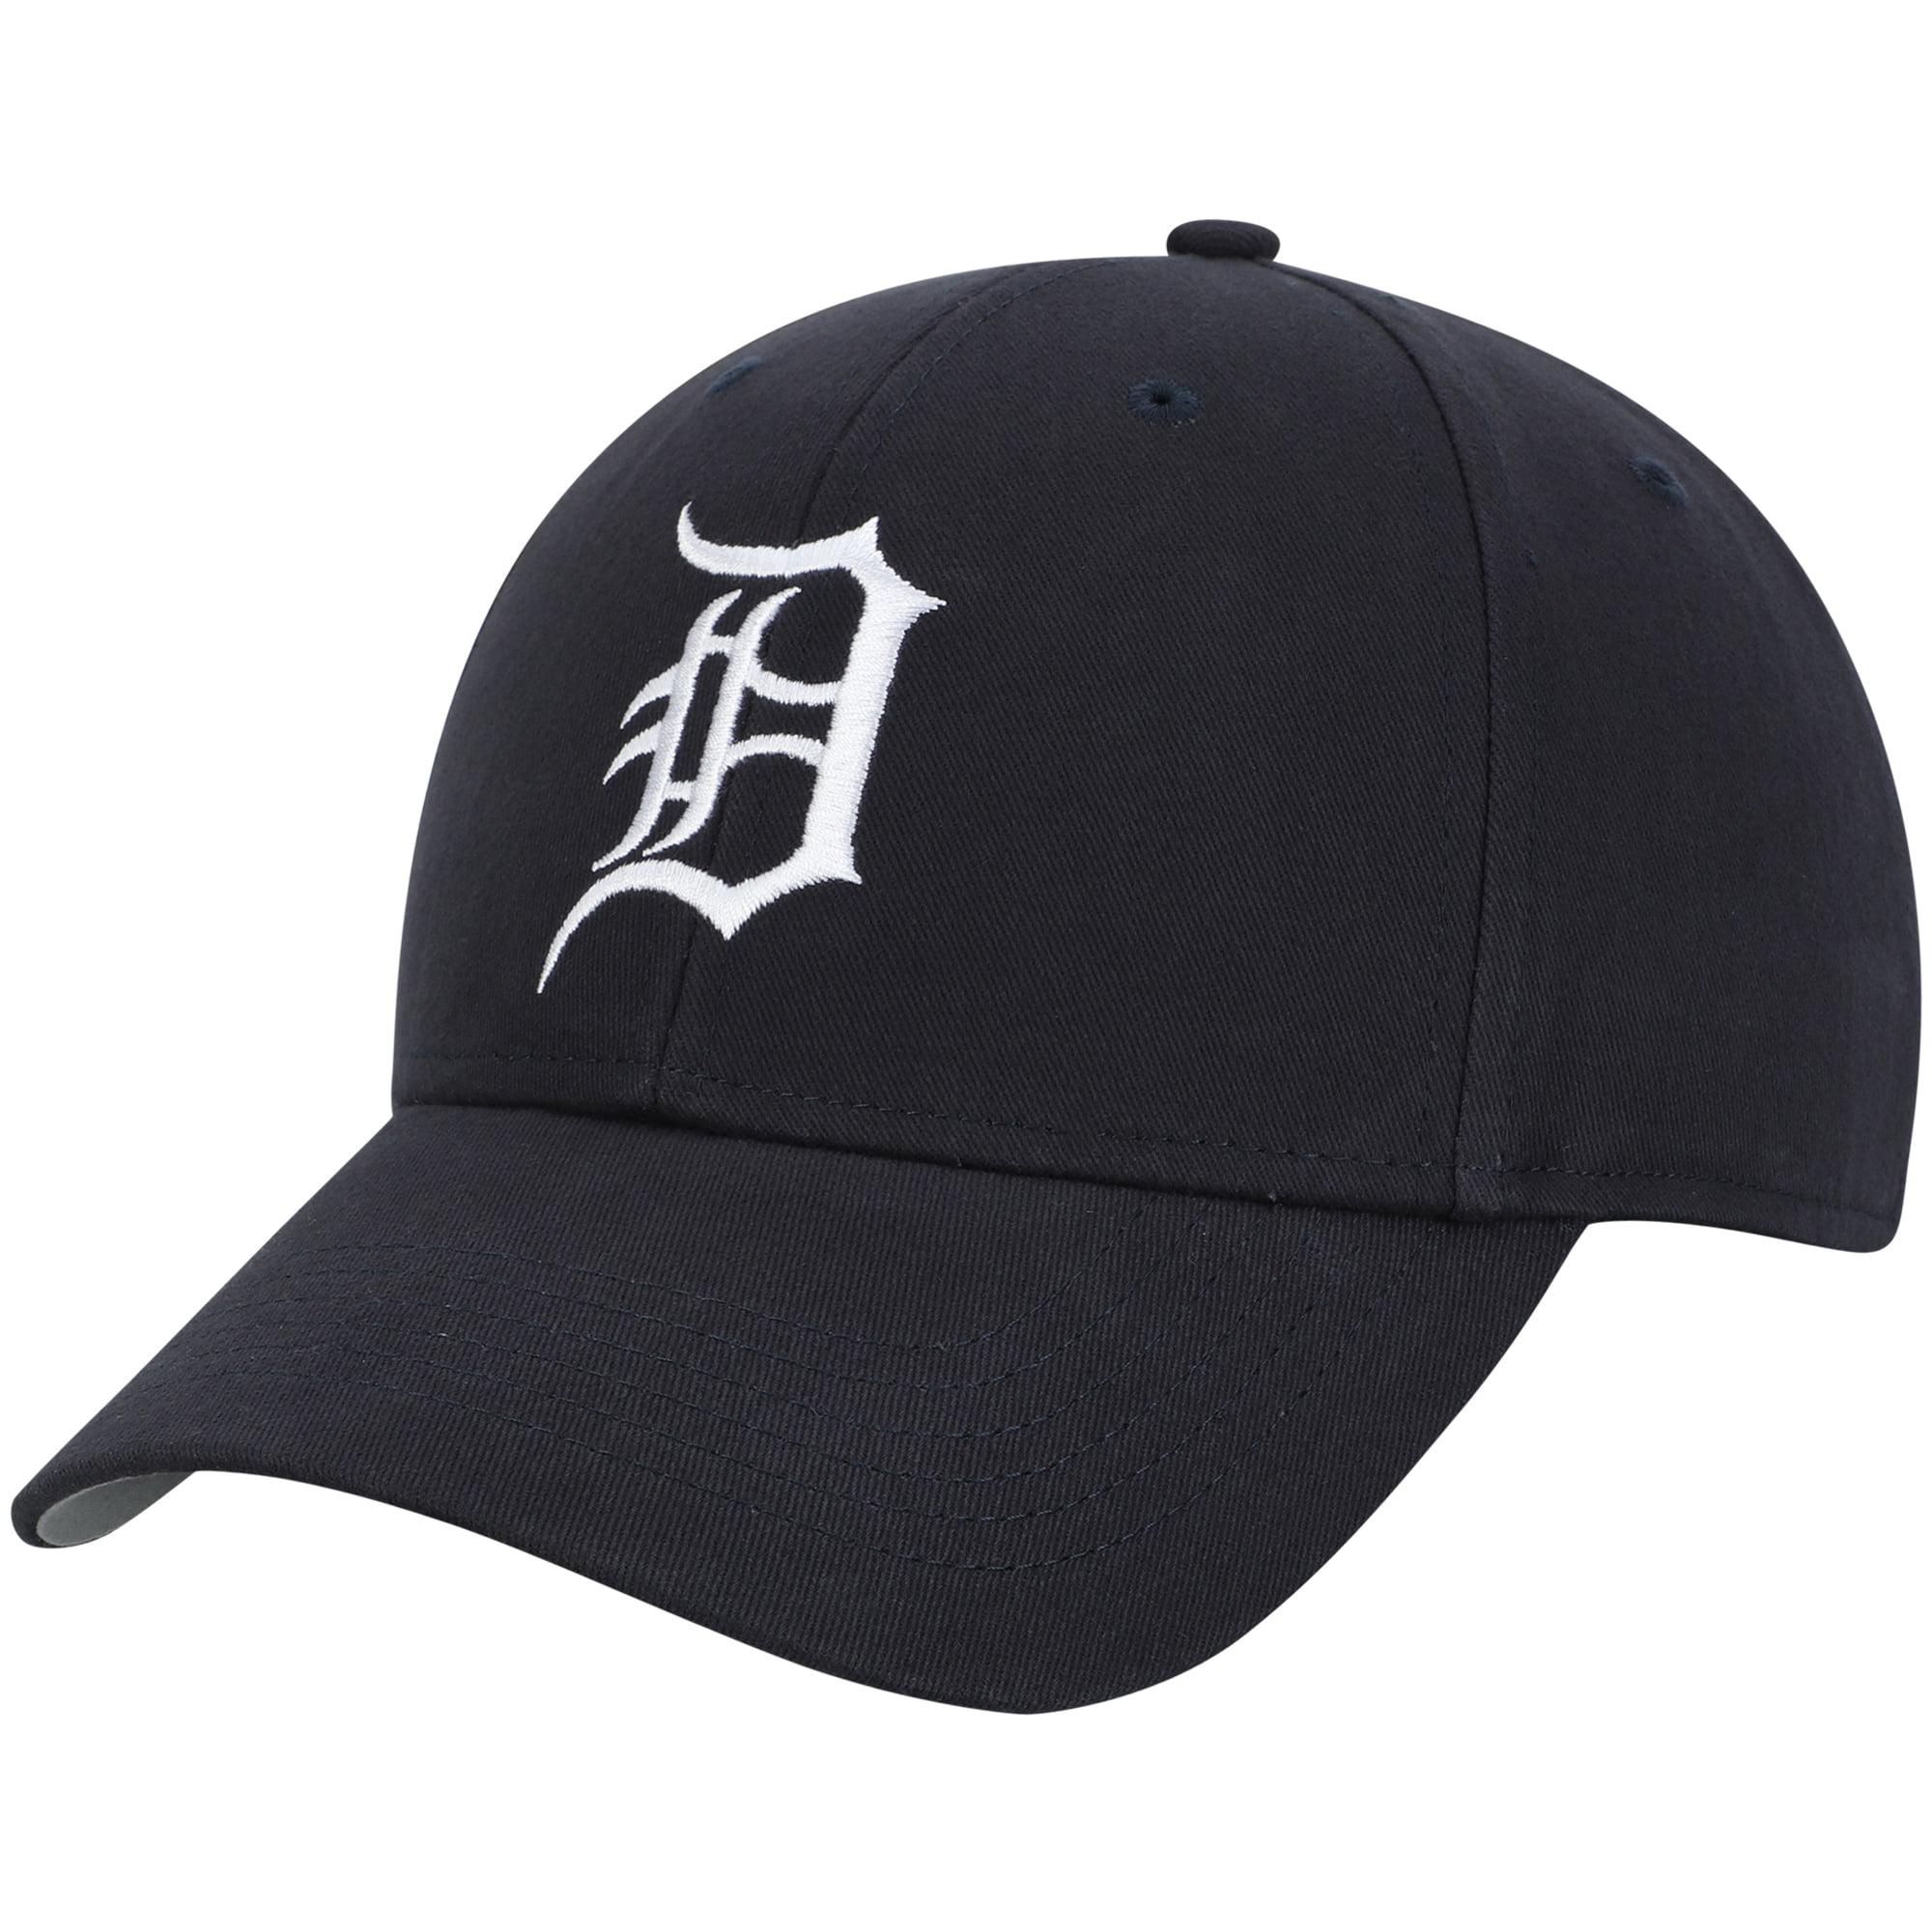 2d0a89cf MLB Products and MLB Apparel - Walmart.com